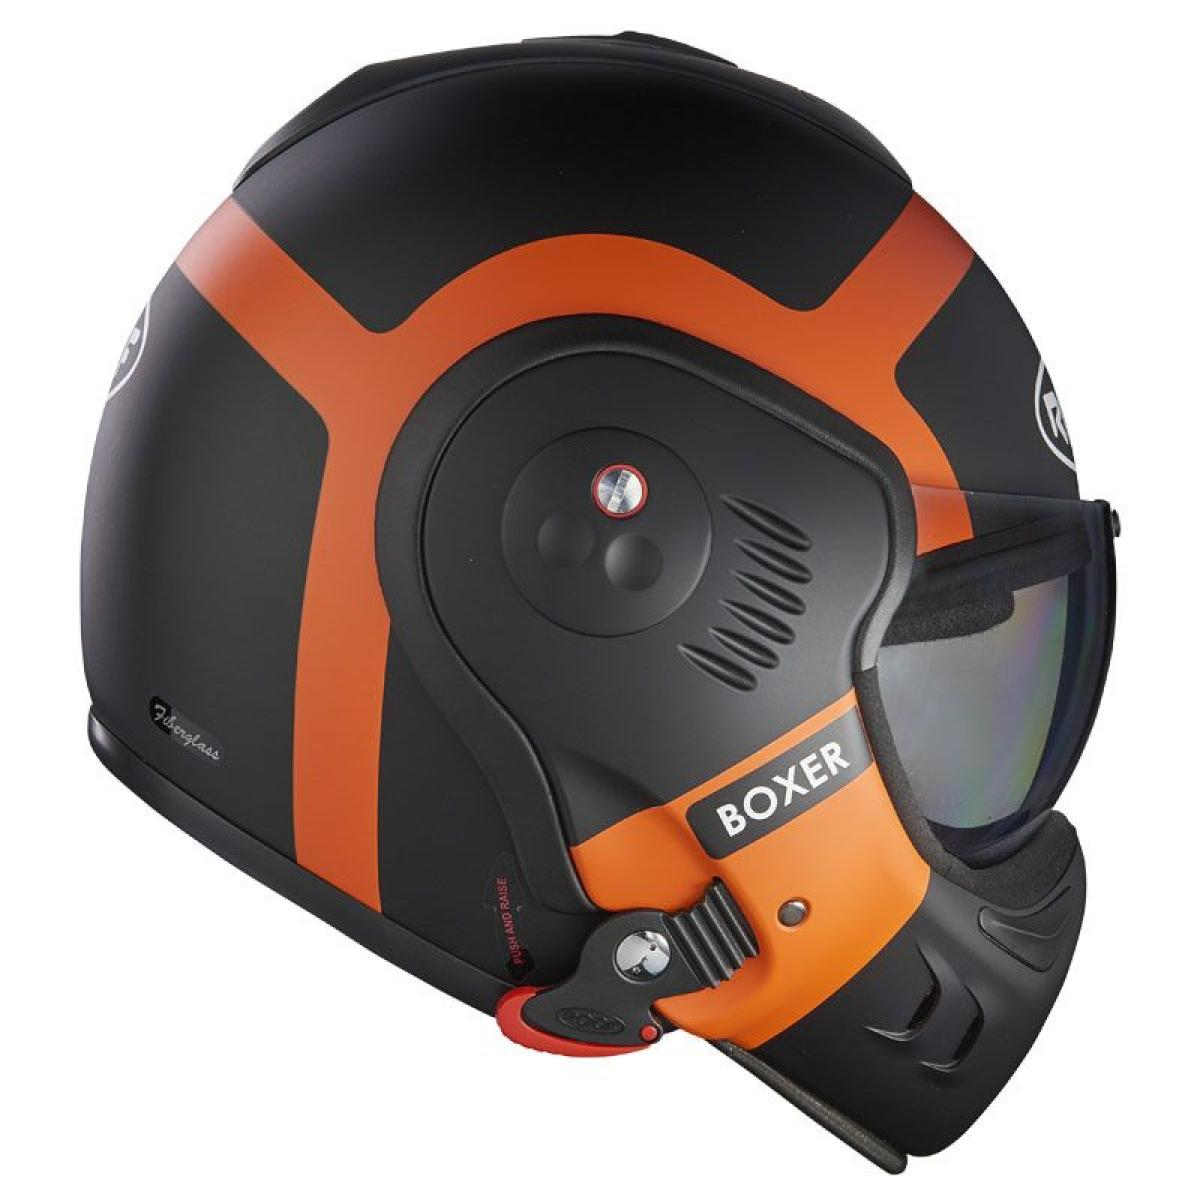 casque moto modulable roof boxer v8 bond noir mat orange. Black Bedroom Furniture Sets. Home Design Ideas